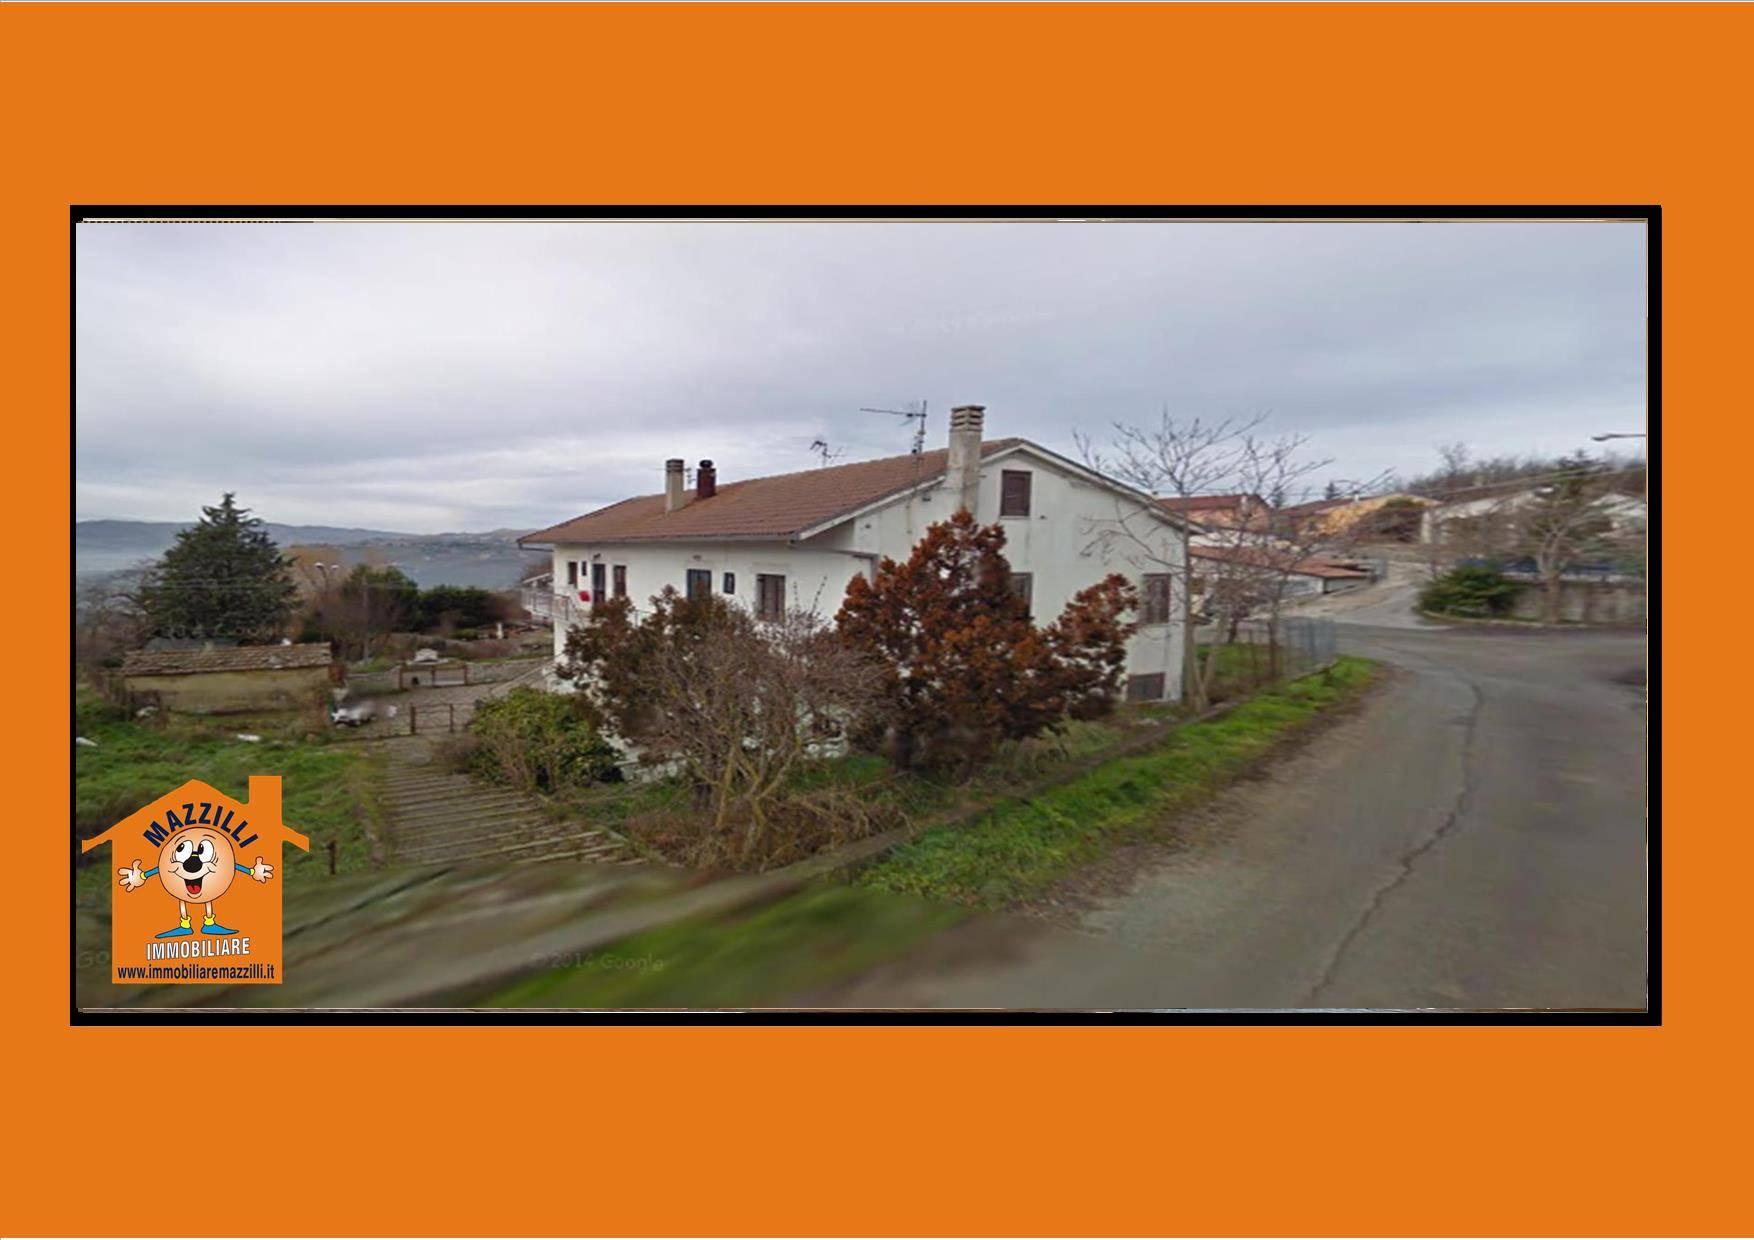 Appartamento in vendita a Potenza, 2 locali, prezzo € 34.000 | CambioCasa.it